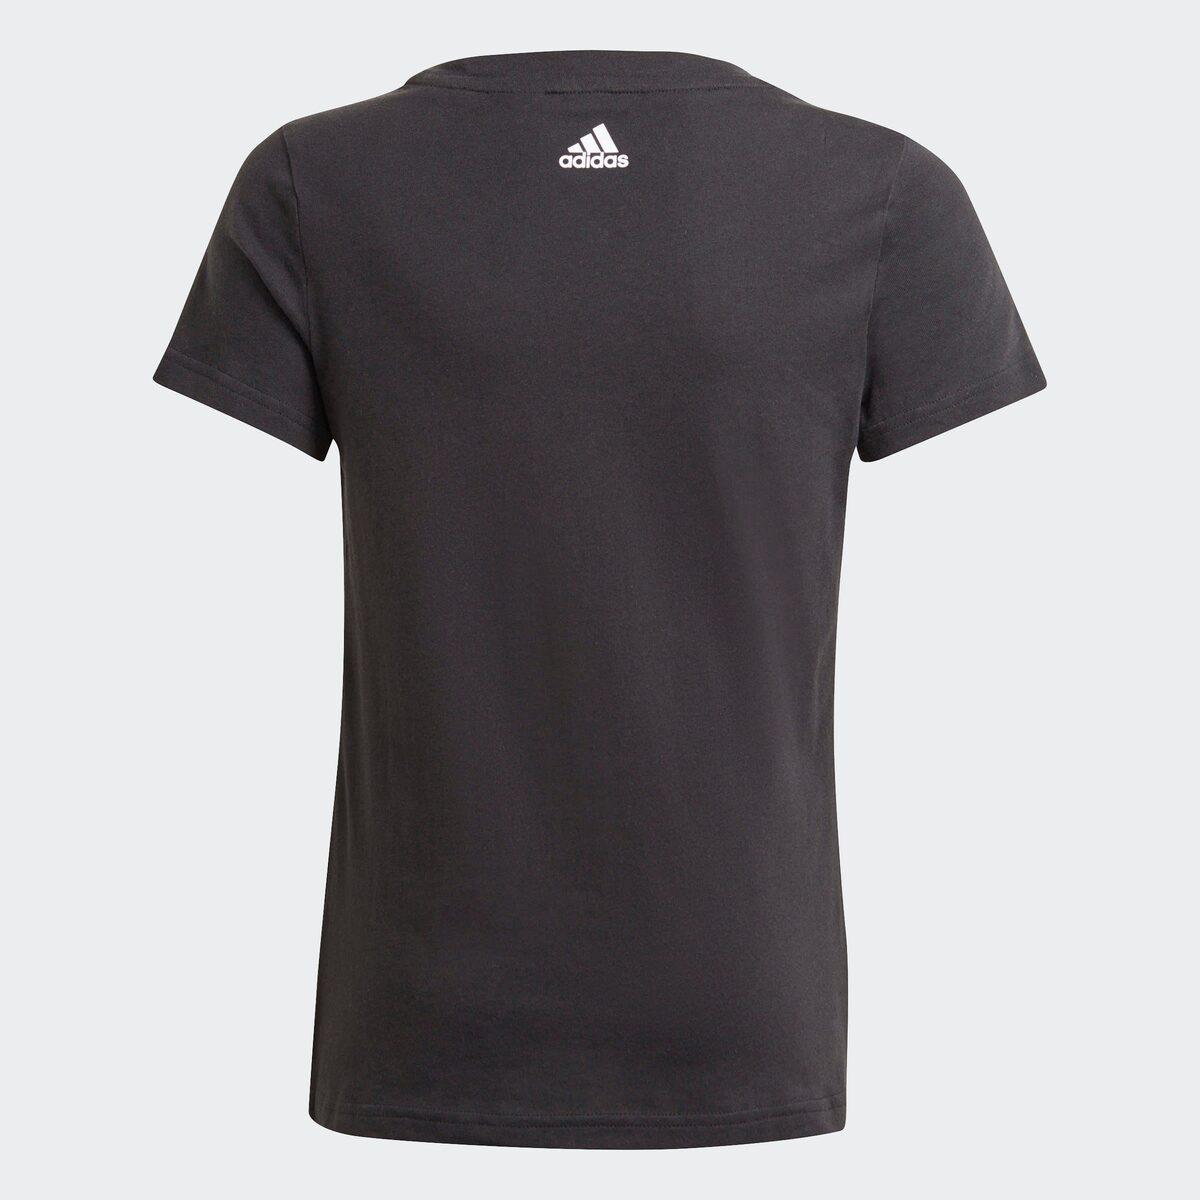 Bild 1 von adidas Performance Trainingsshirt »ADIDAS GIRLS ESSENTIALS LOGO TEE«